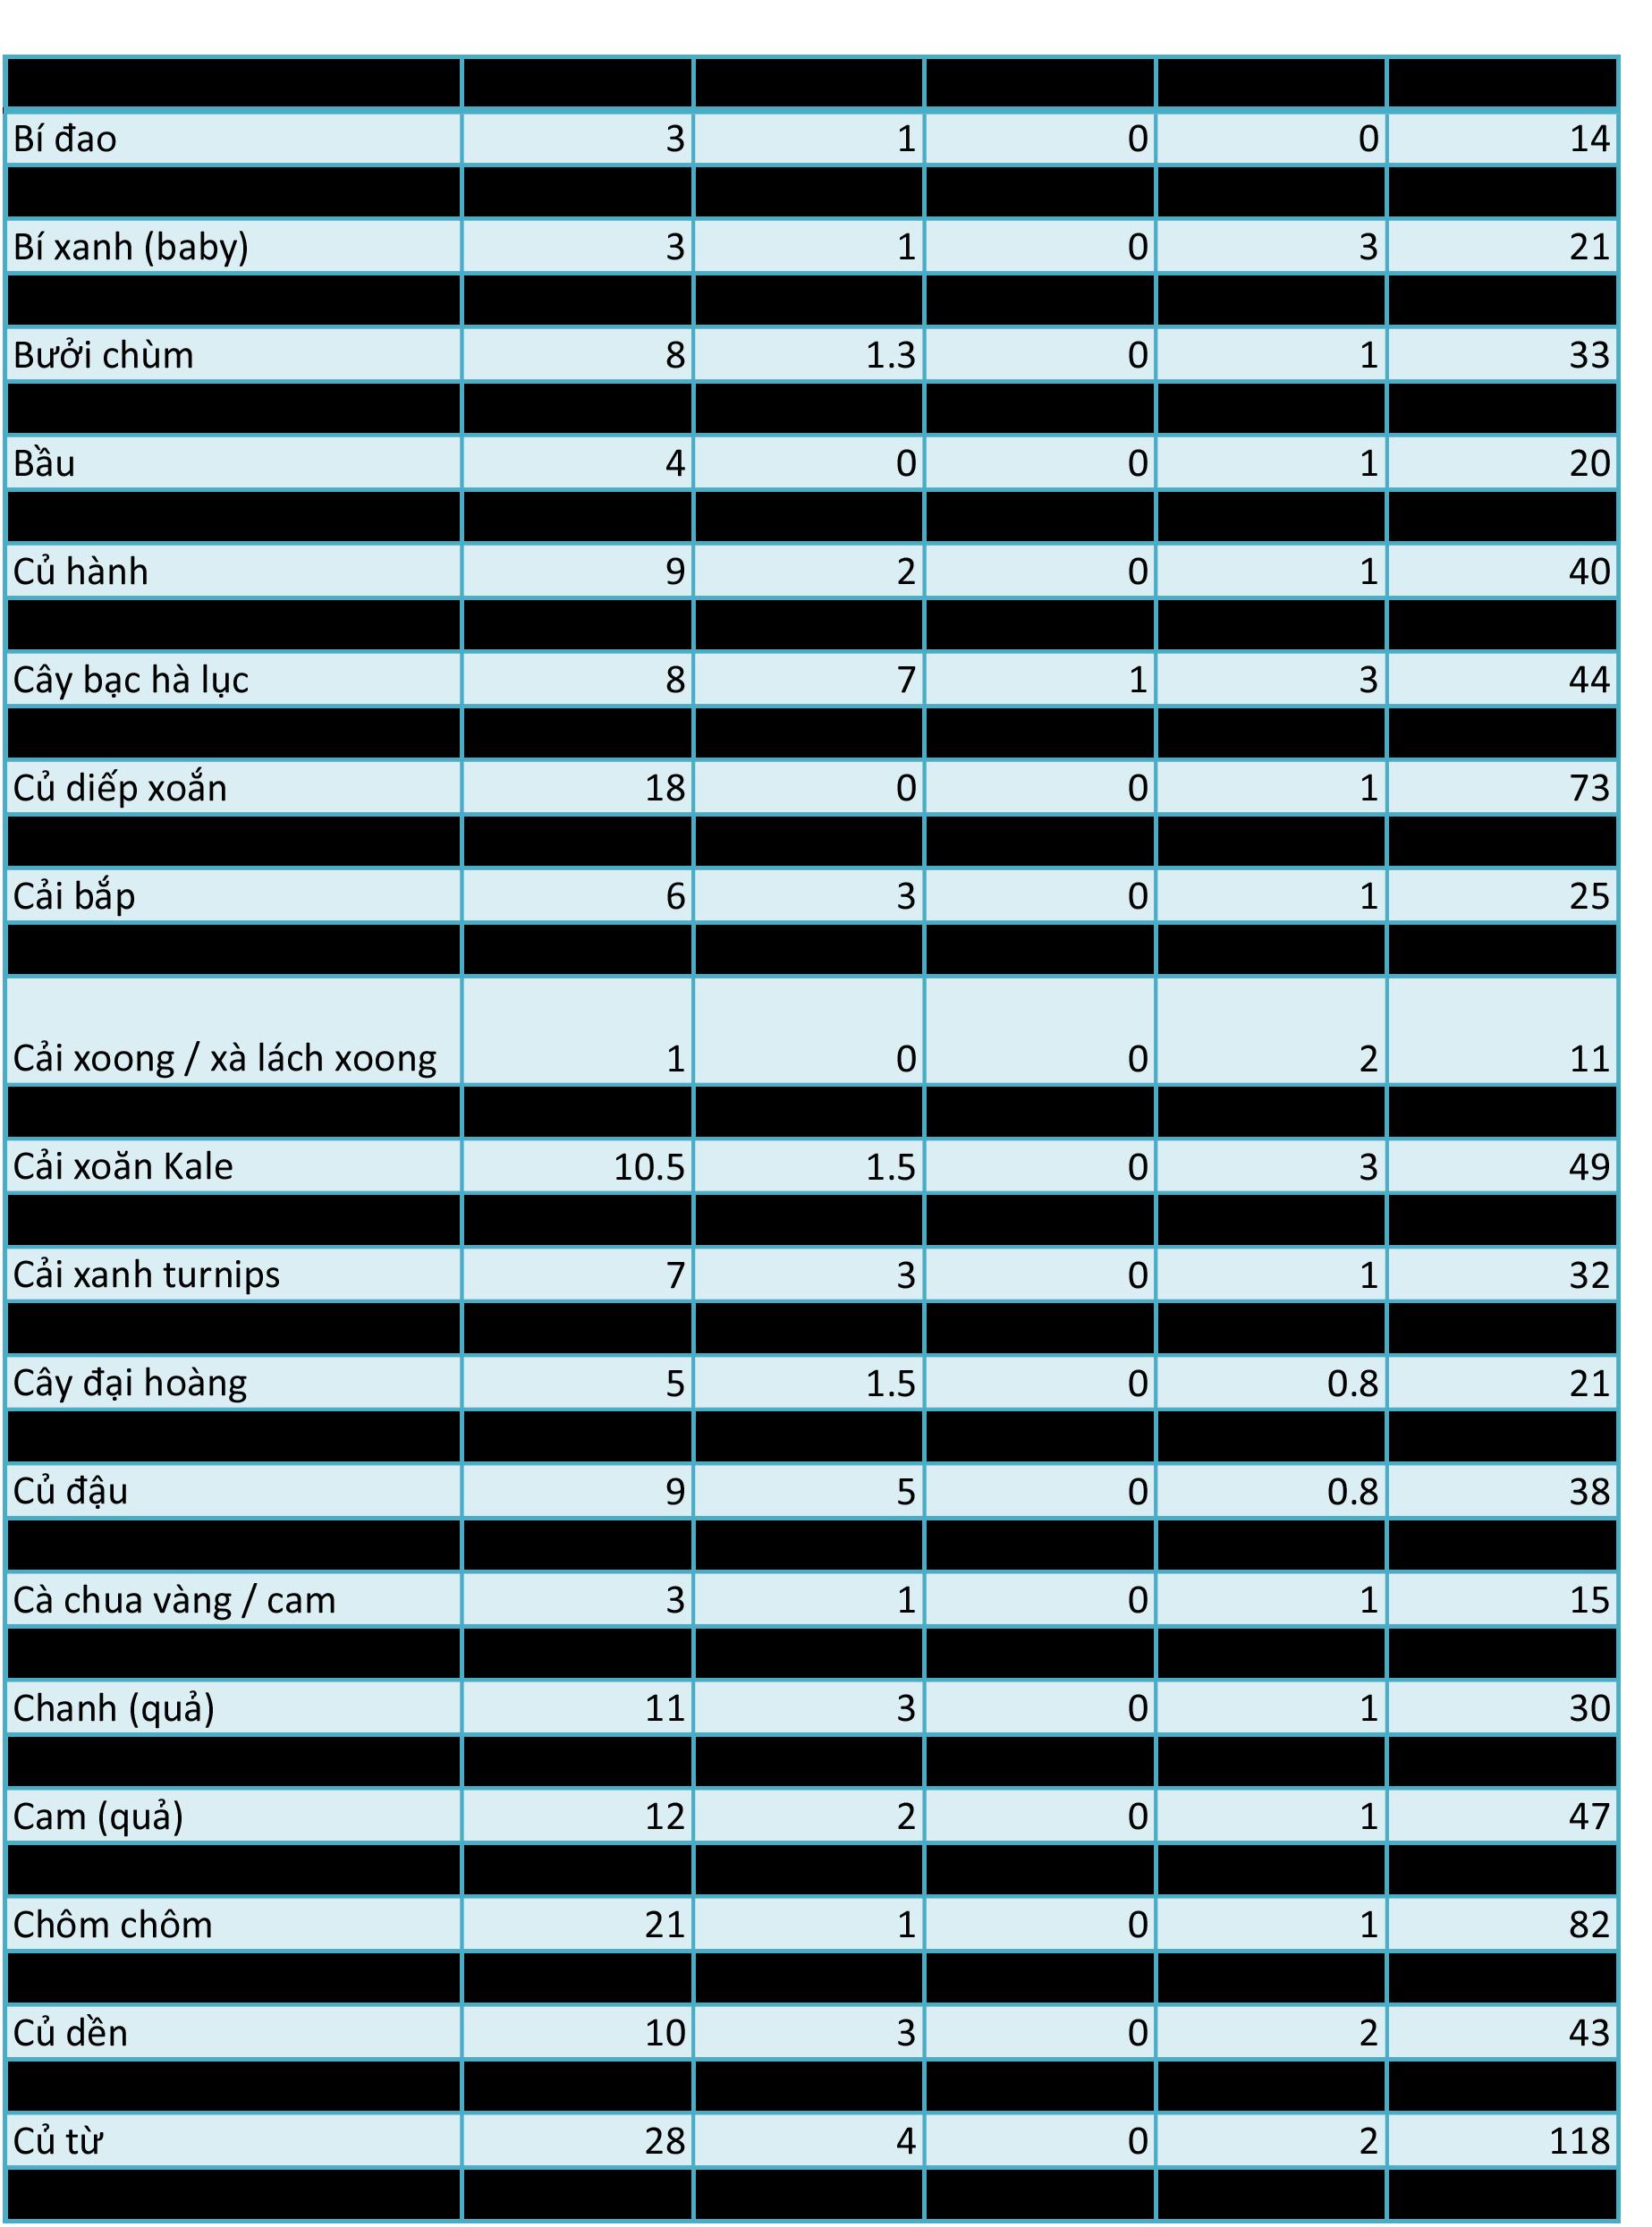 Bảng tra cứu lượng carb, fat, protein và calo trong thực phẩm thực vật - Ảnh 1.